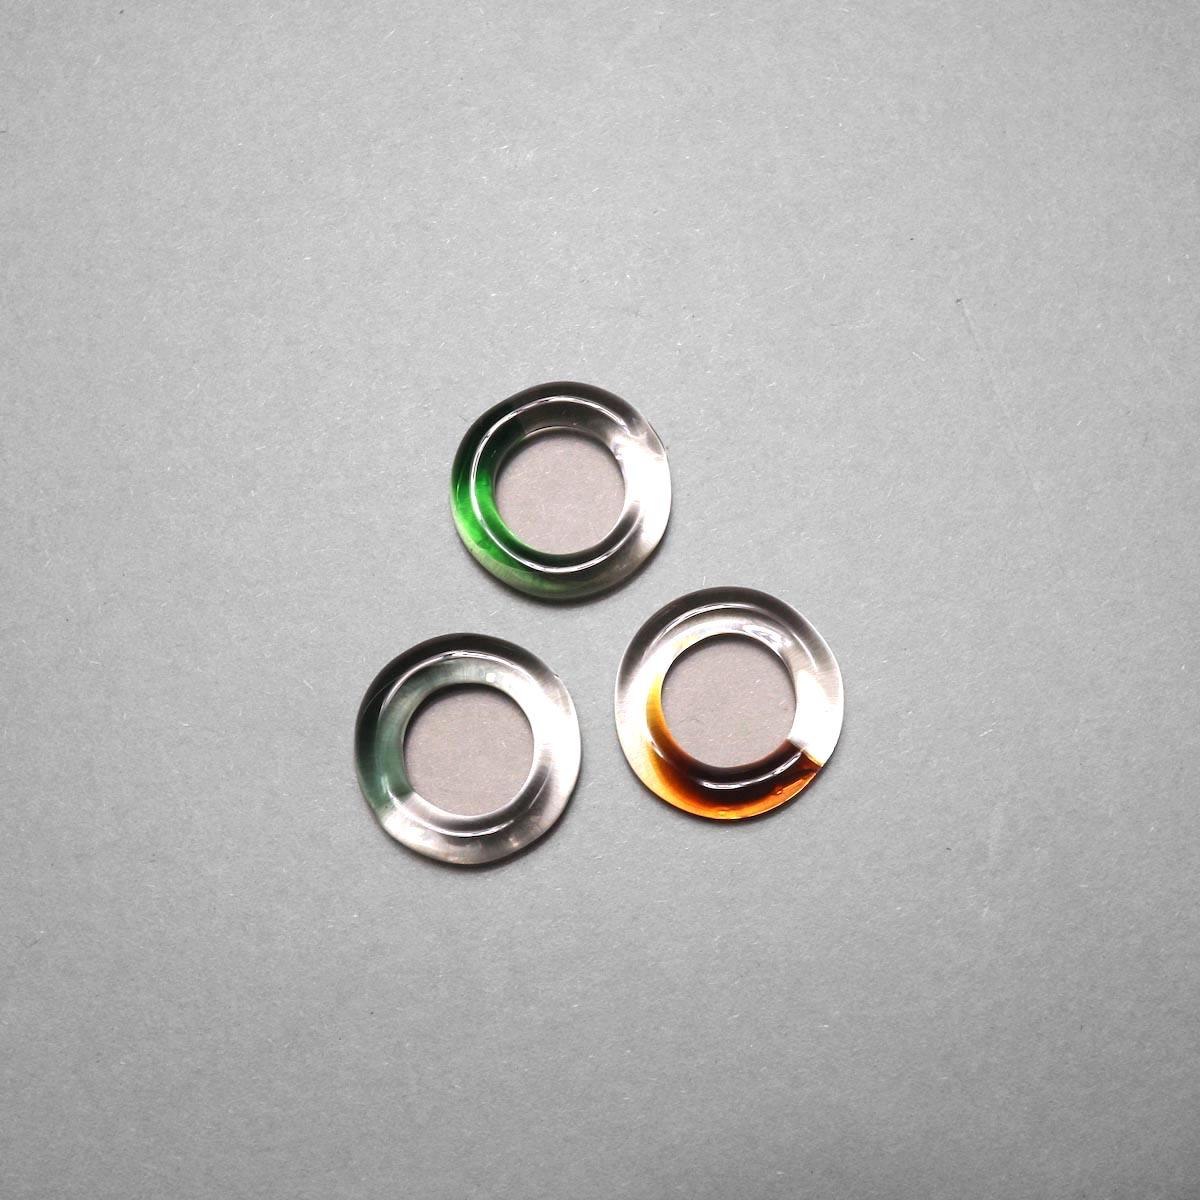 LAN / glass ring gradation 比較①